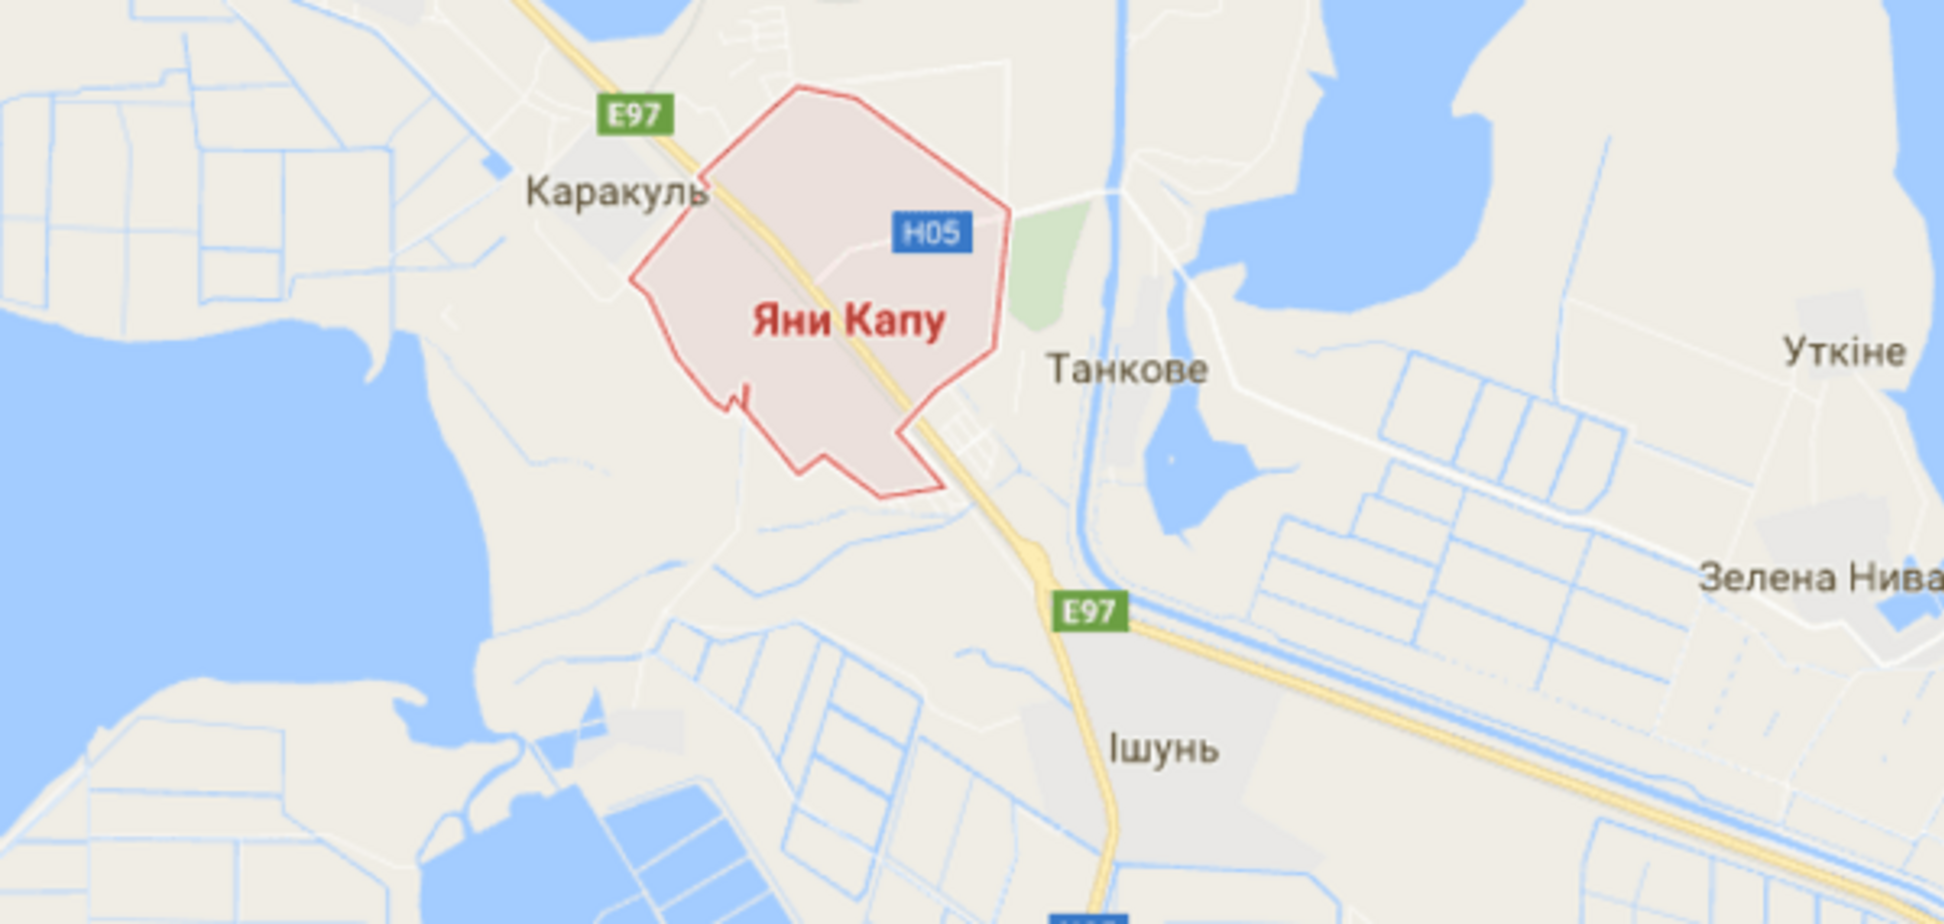 Перейменований місто Яни Капу